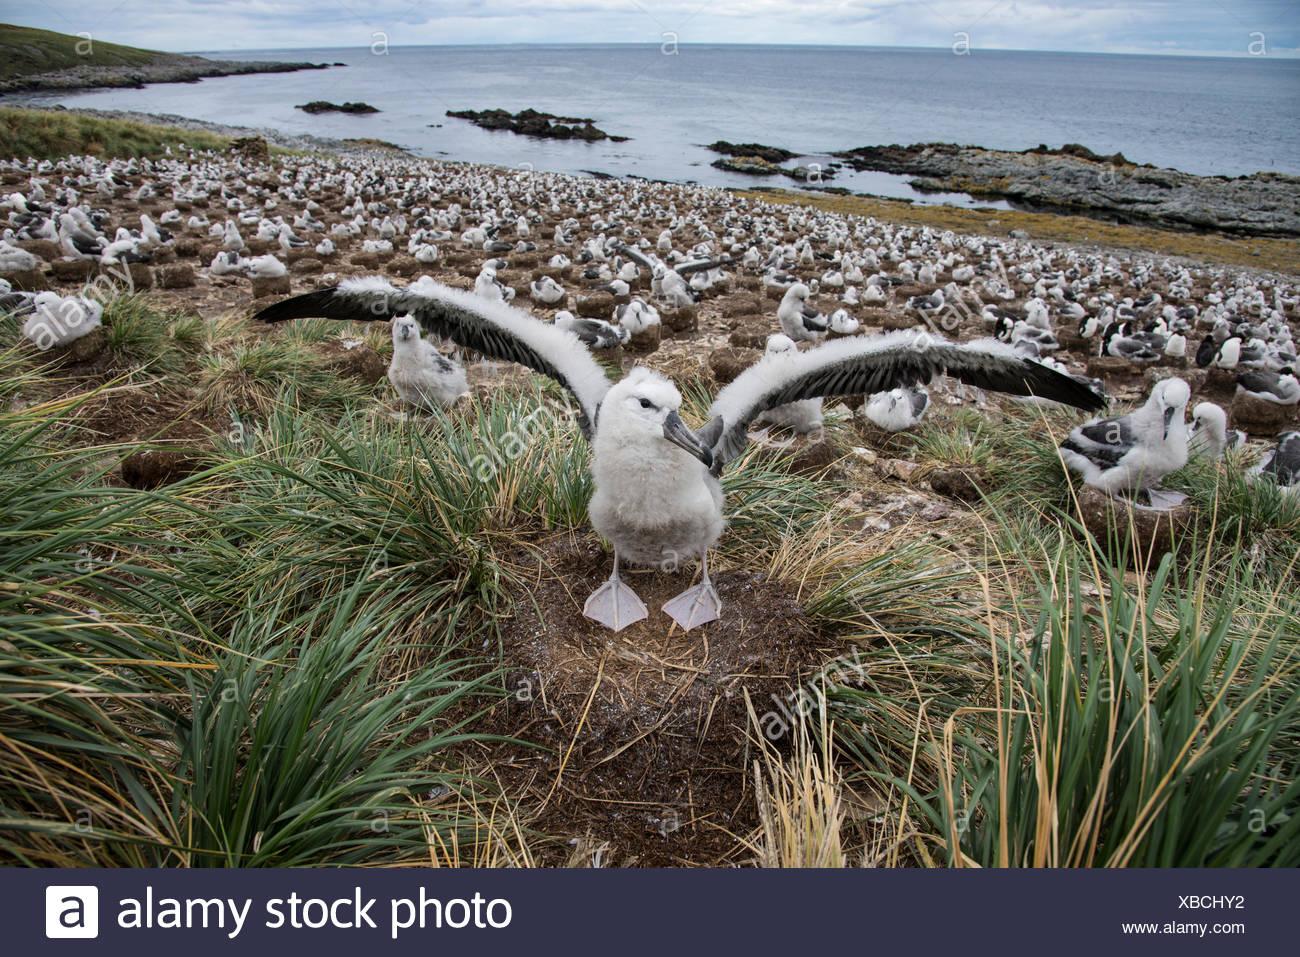 Une corneille noire étend ses ailes devant la colonie d'albatros sur la plage. Photo Stock